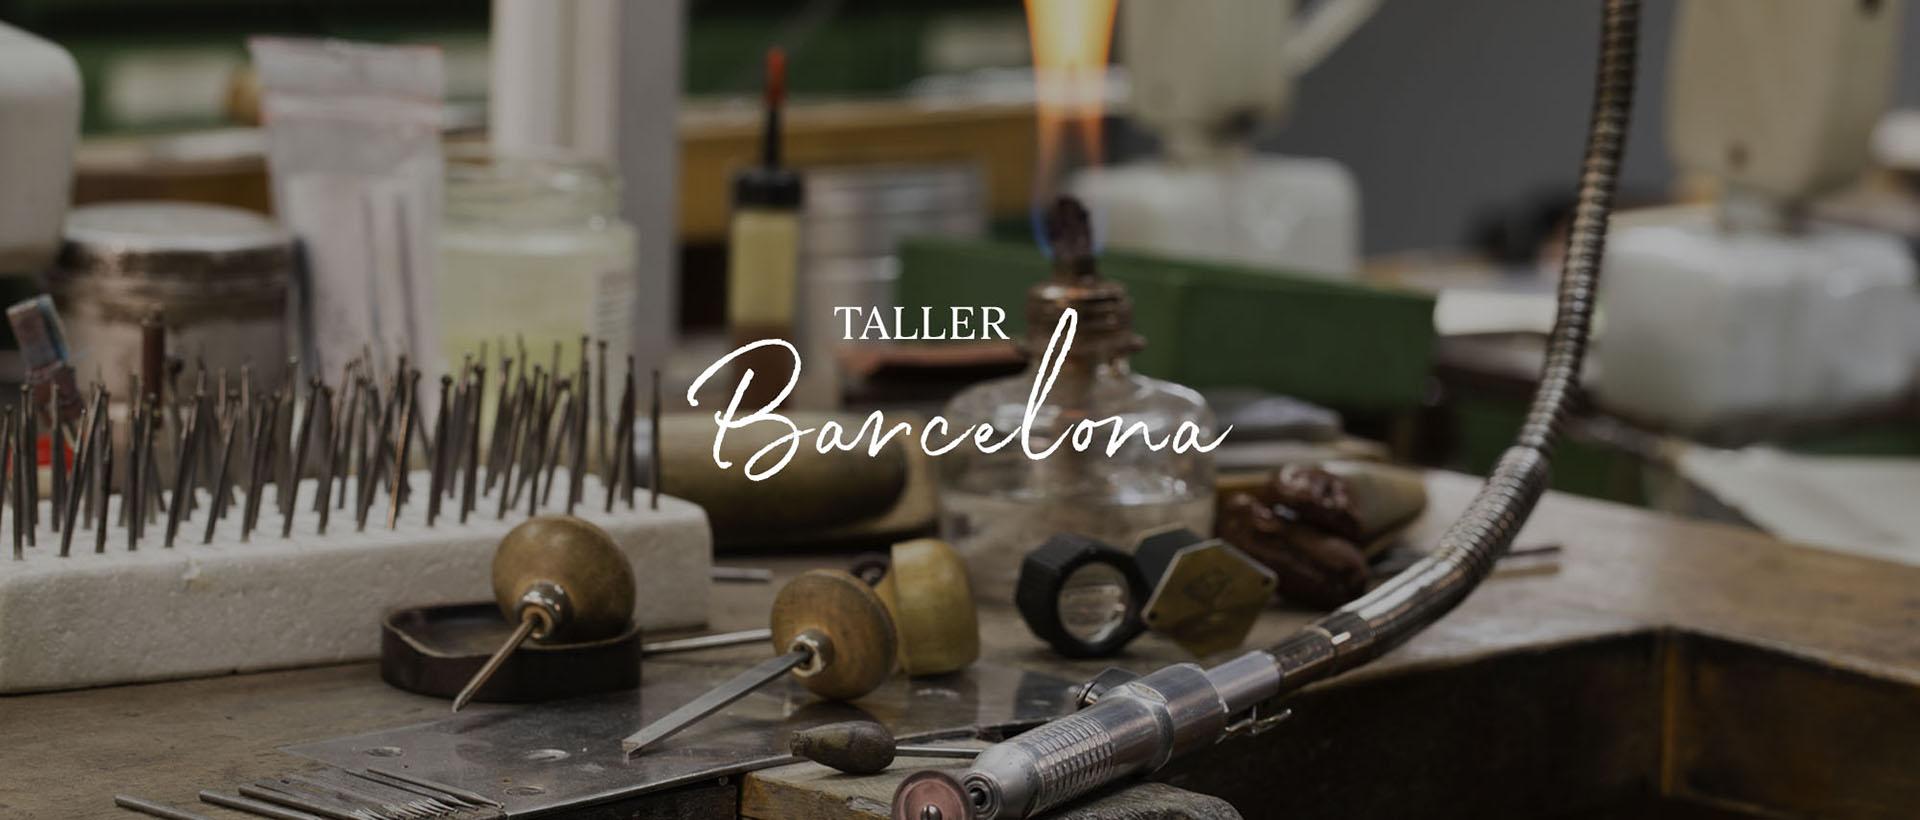 Roxa Barcelona taller joyas